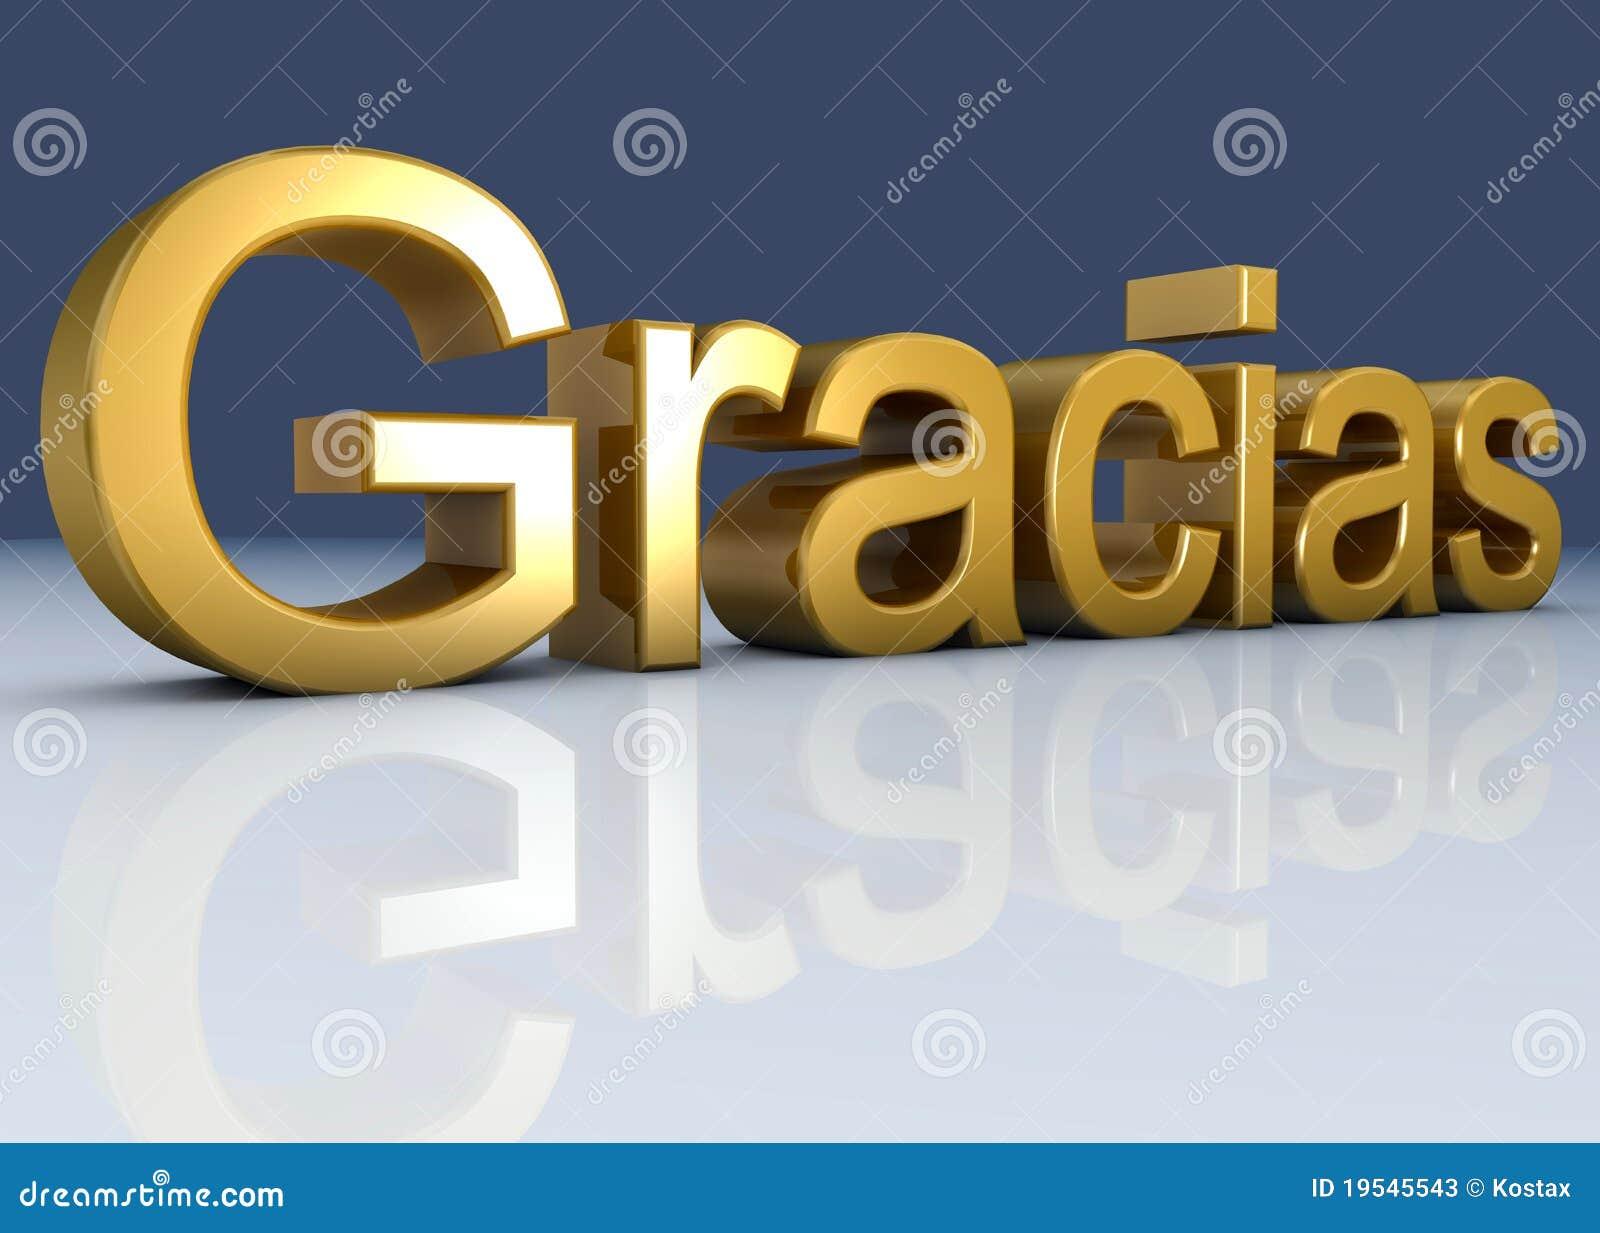 gracias stock photos